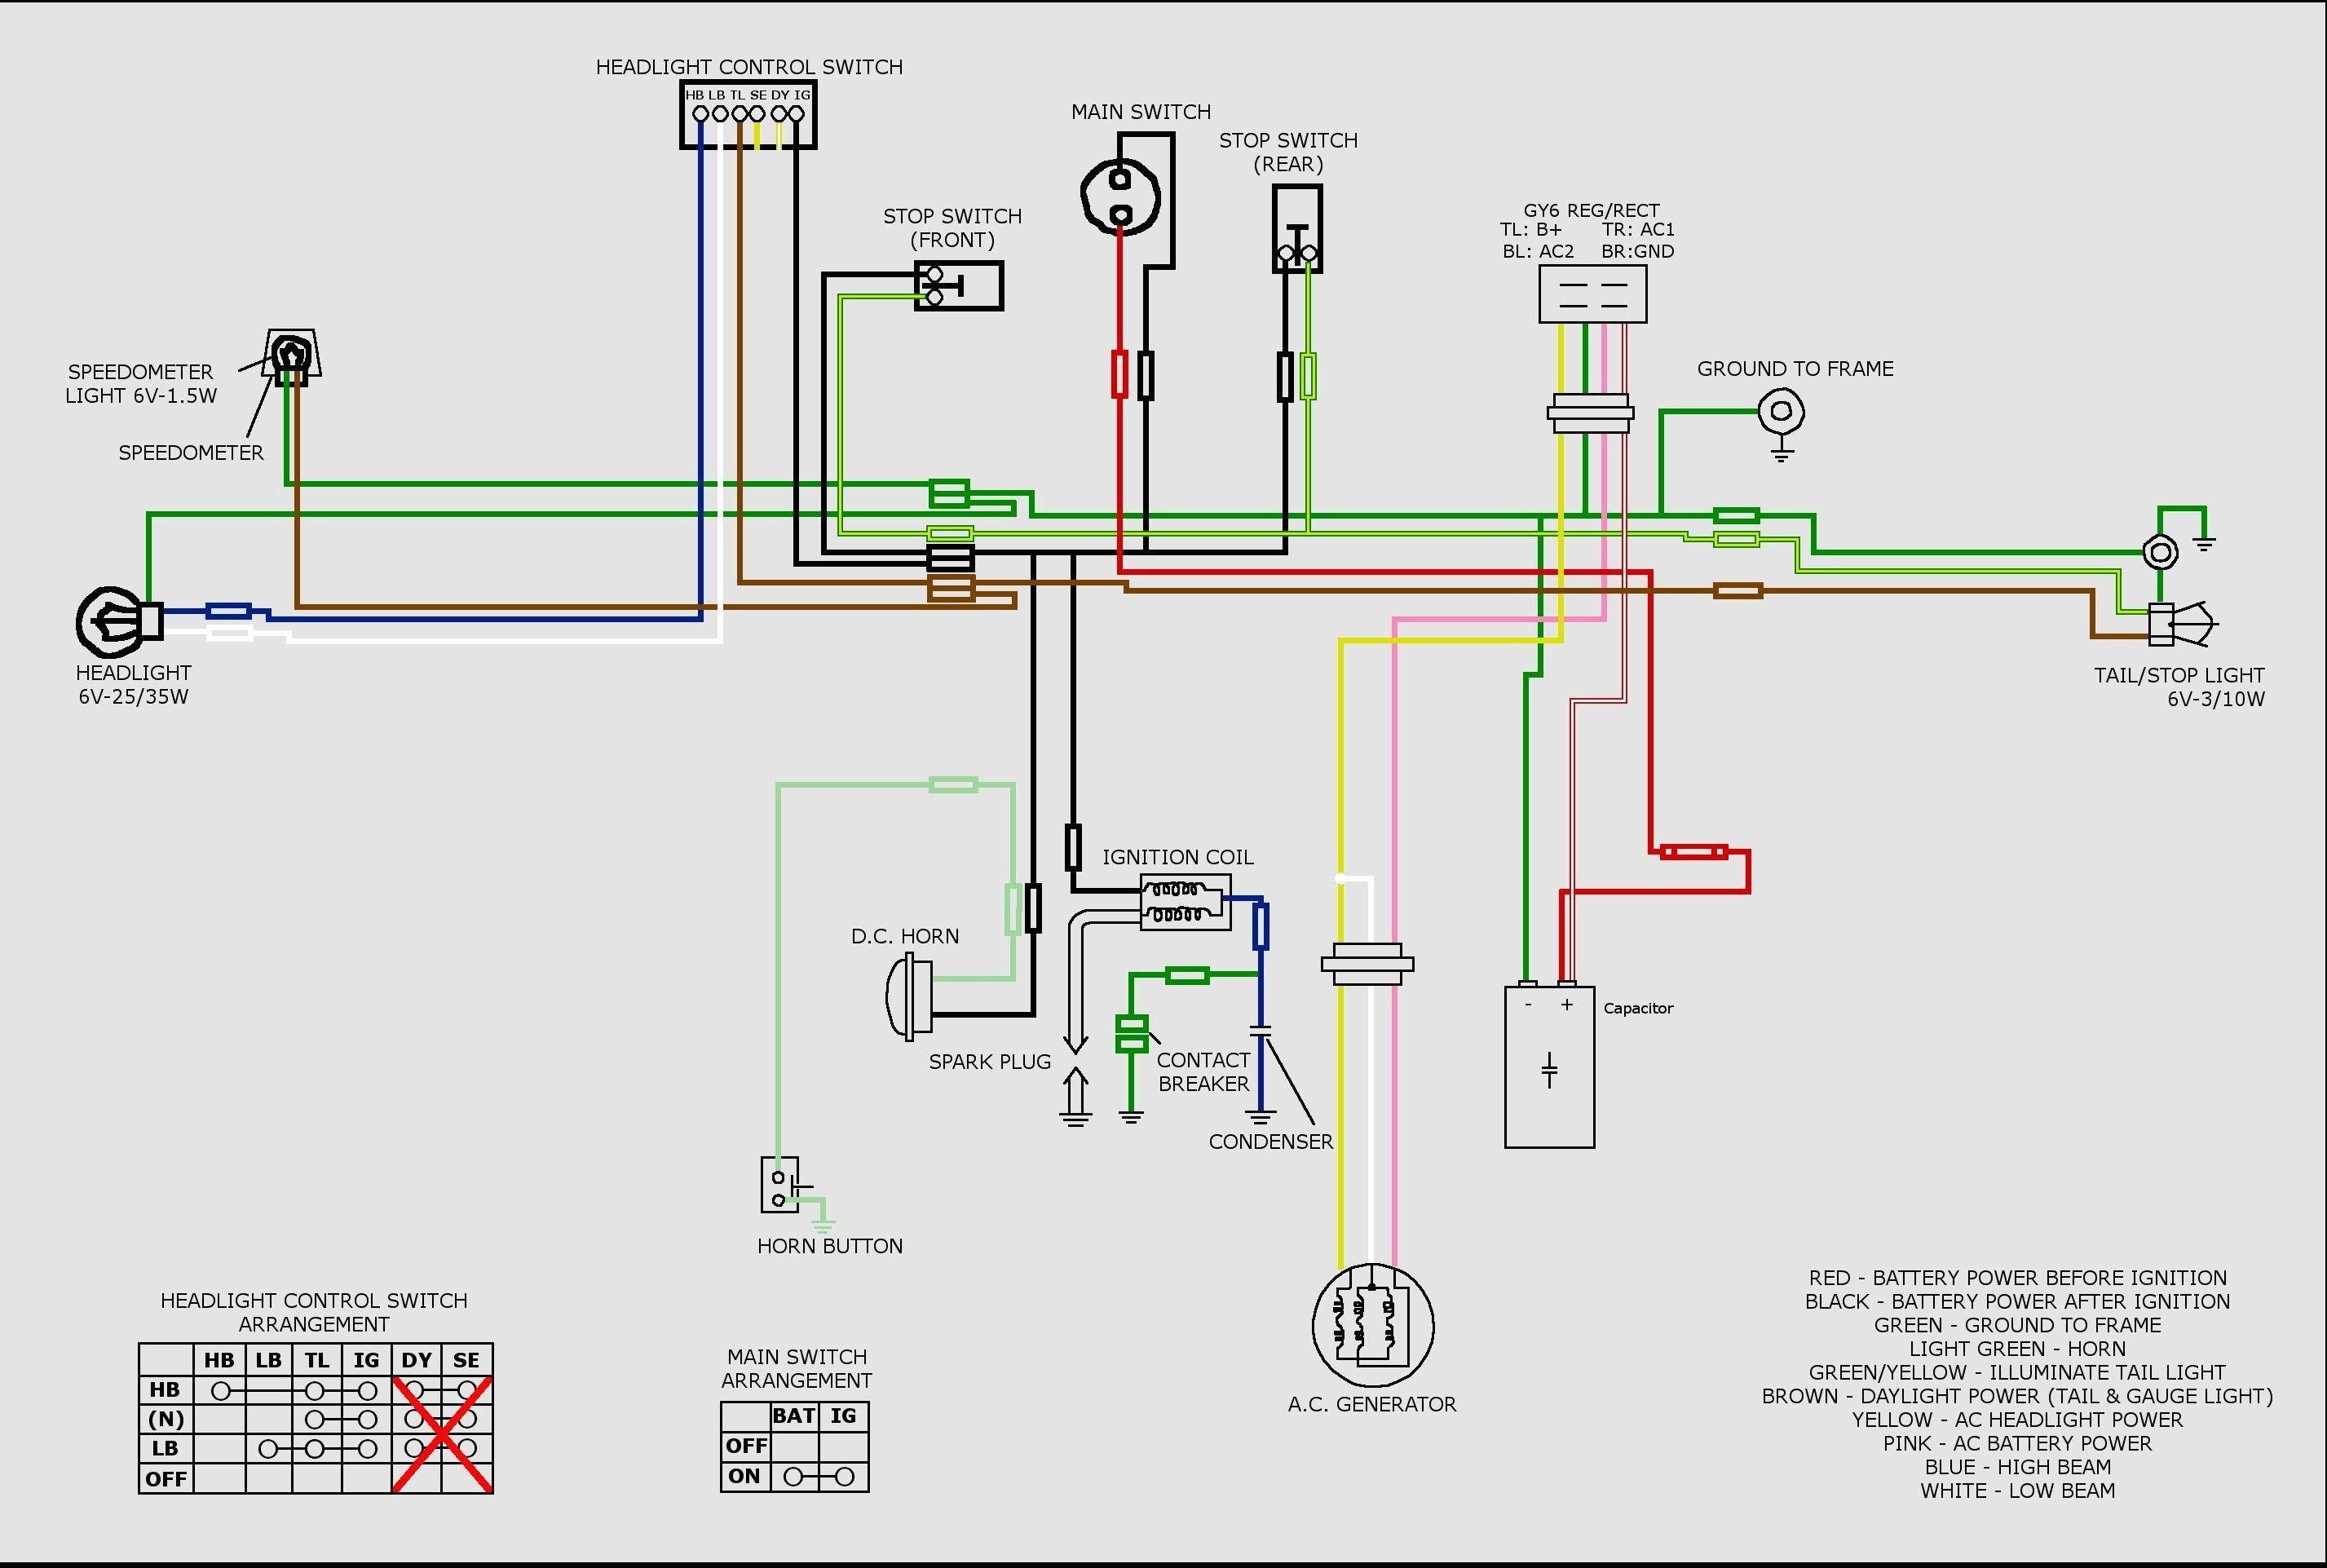 Razor E100 Wiring Schematic Gy6 Wiring Diagram Awesome 150cc Gy6 Wiring Diagram within Of Razor E100 Wiring Schematic